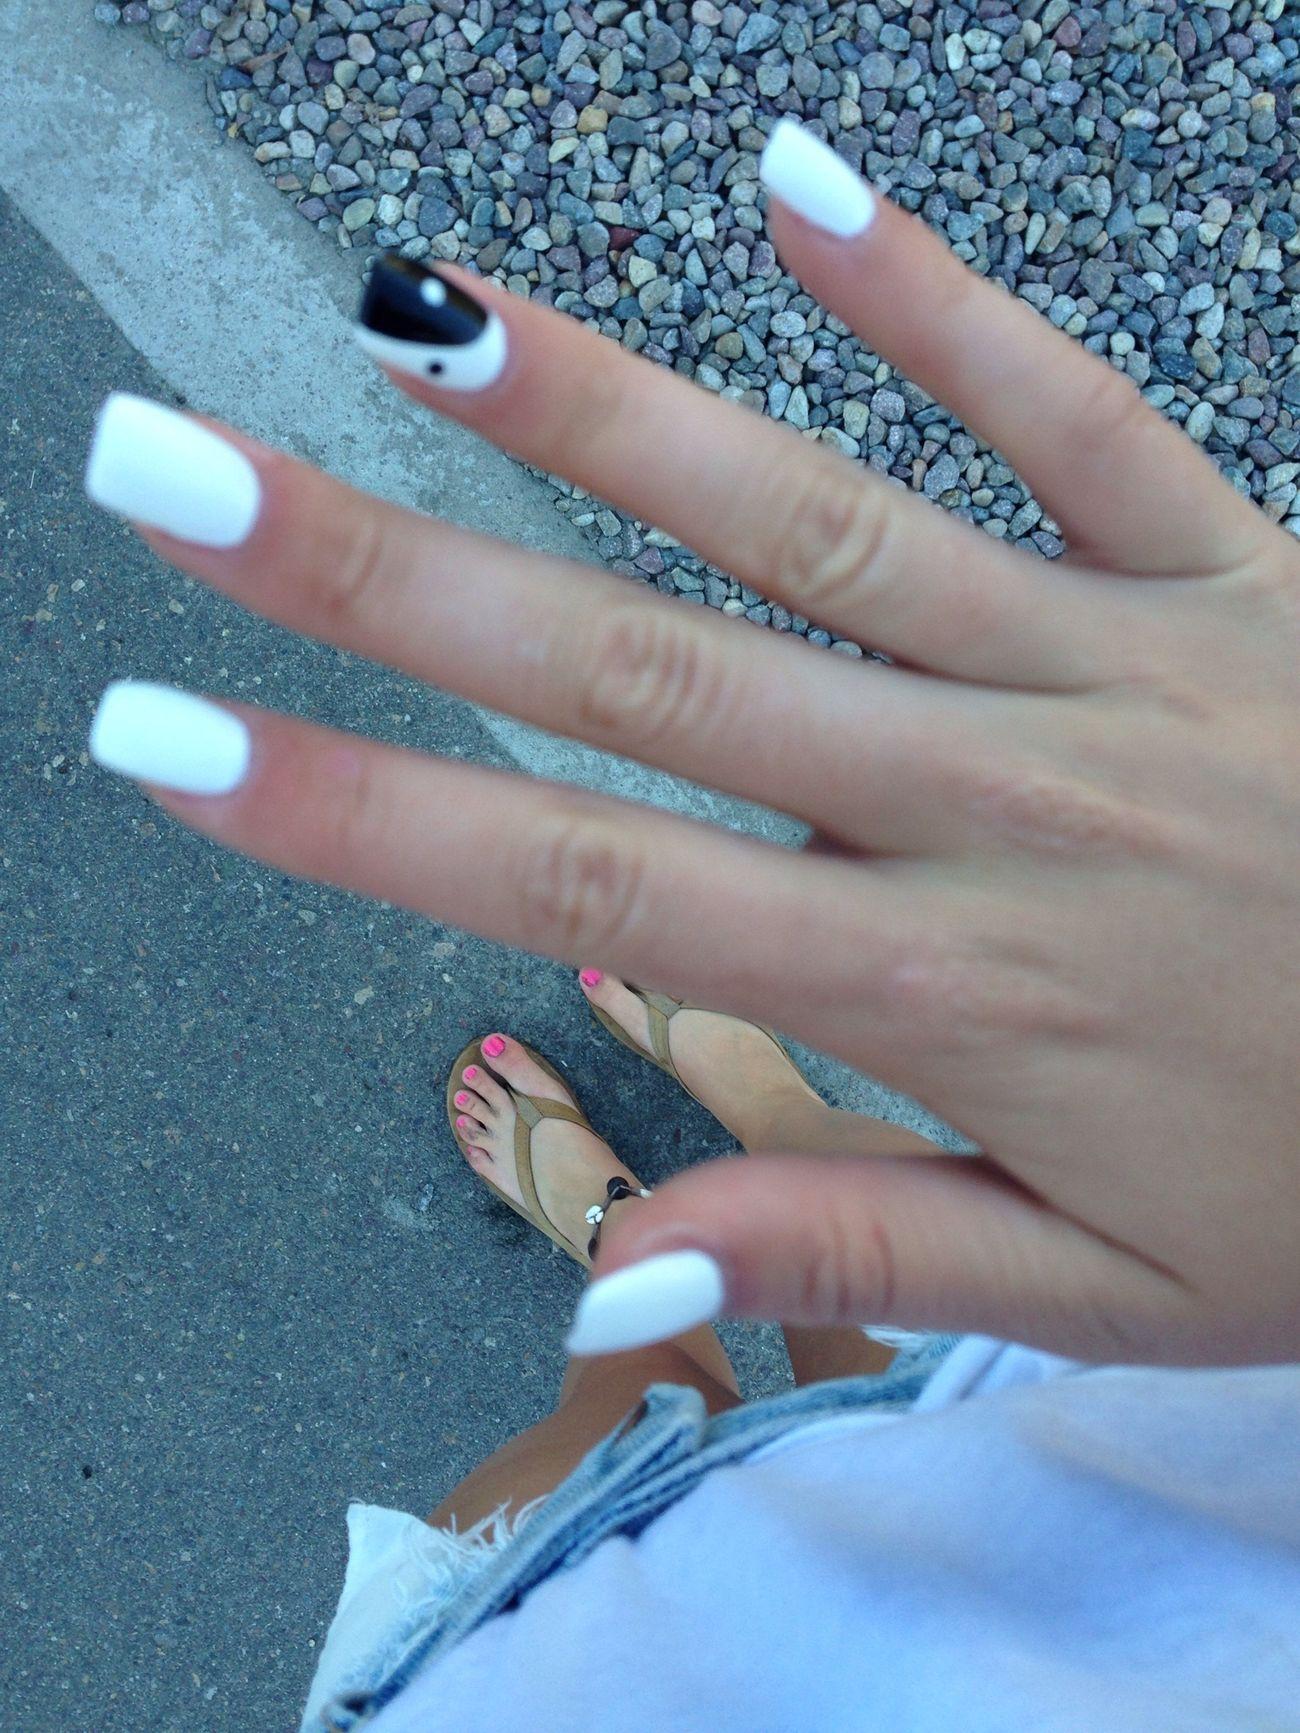 Beach nails and a tan